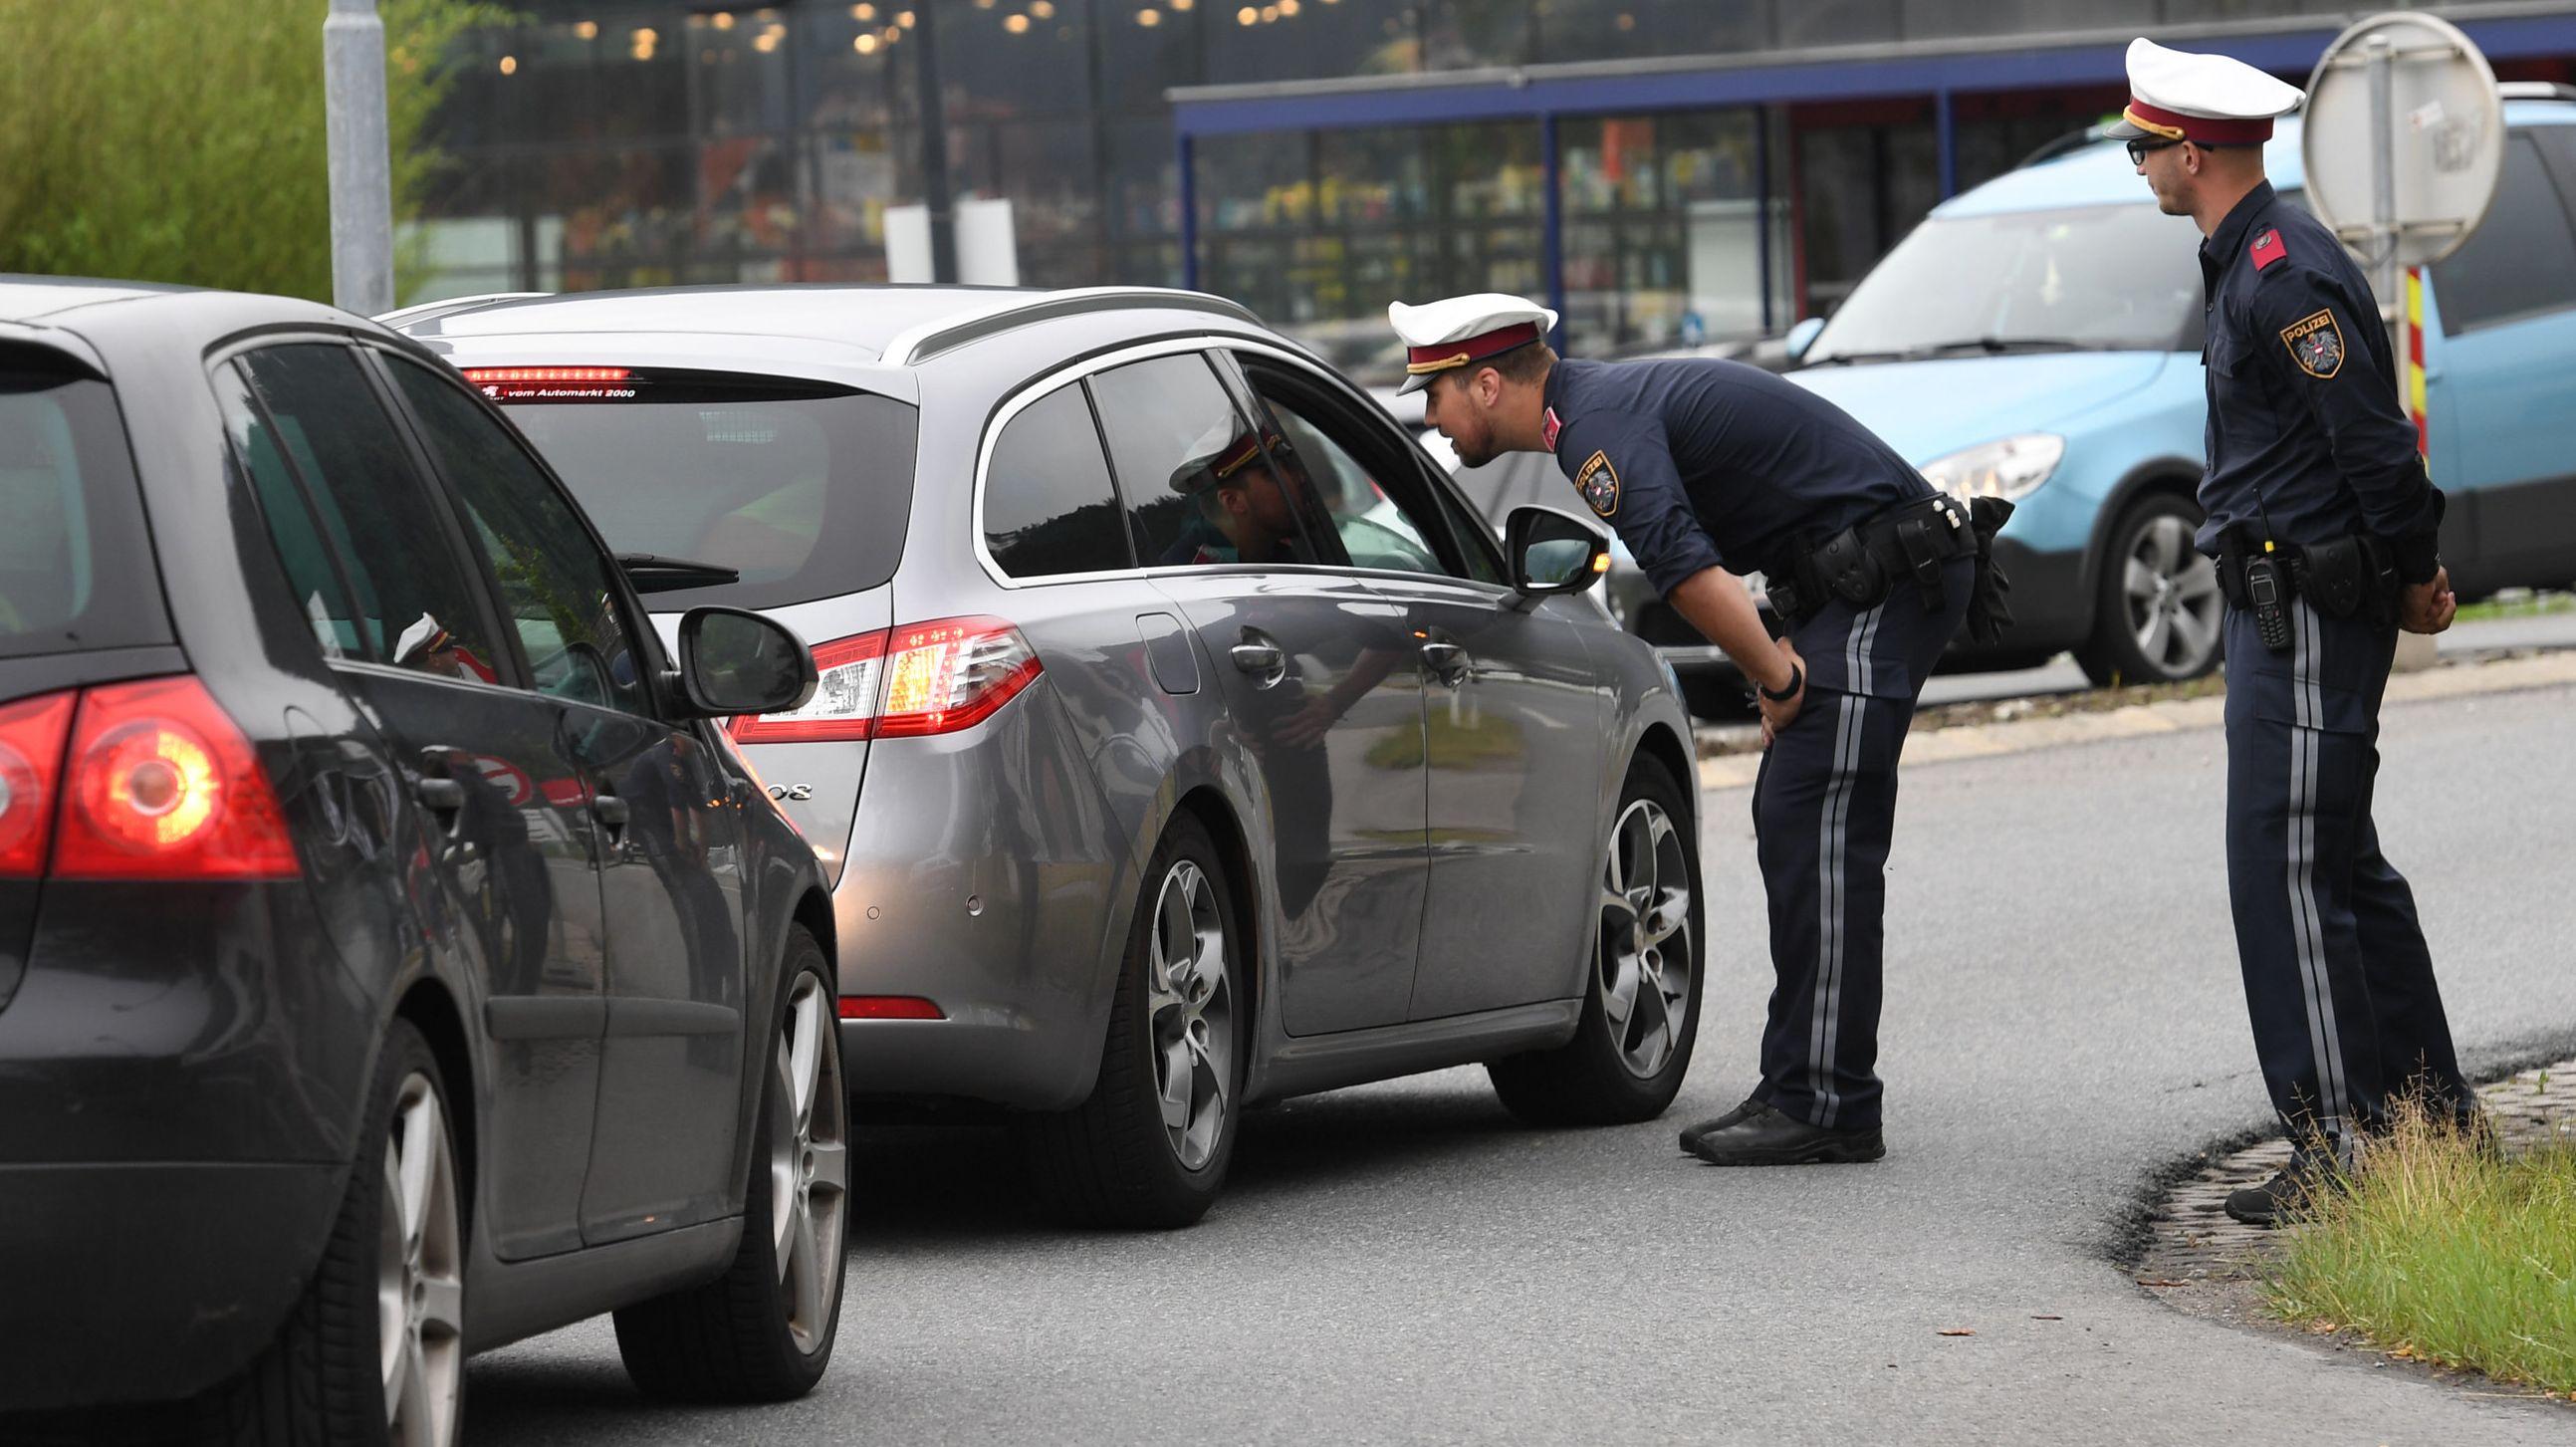 Österreichische Polizisten kontrollieren Fahrzeuge auf einer Bundesstraße in Tirol